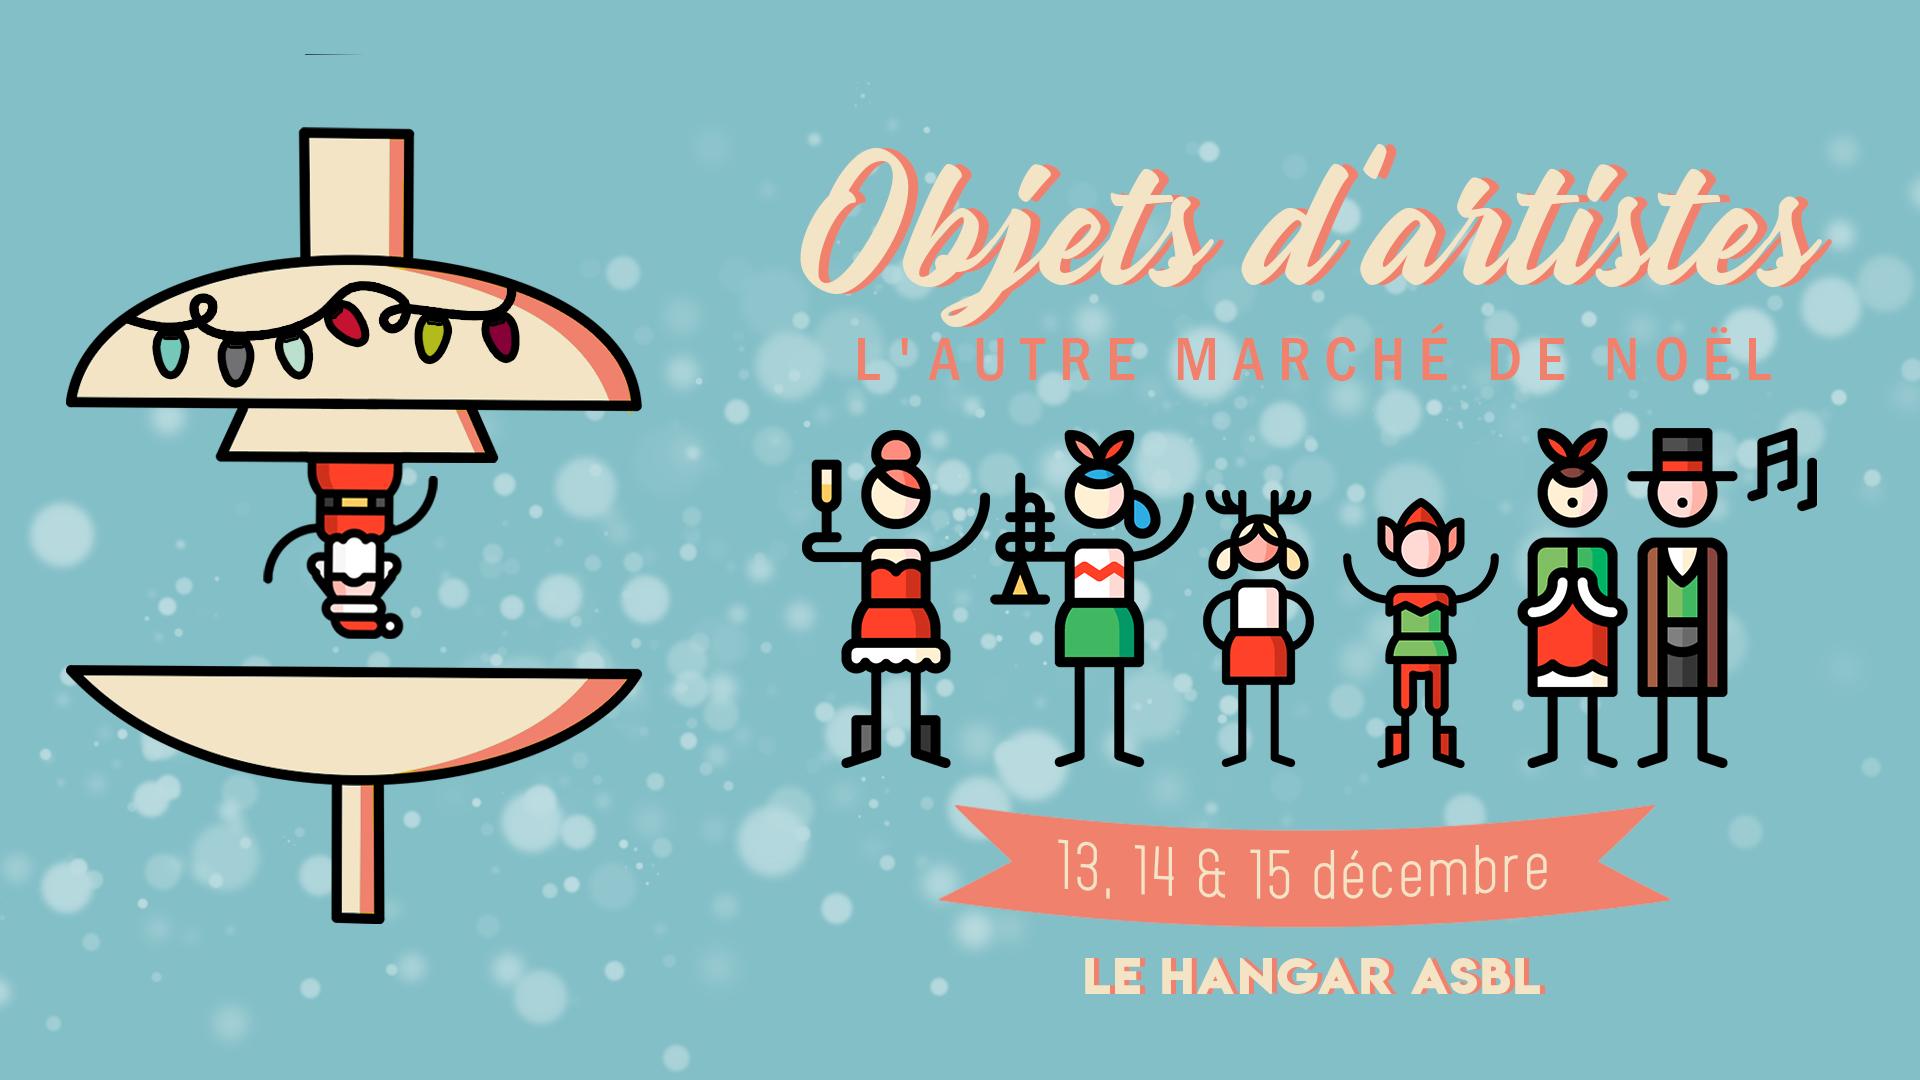 Objets d'artistes – L'autre marché de Noël / Du 13 au 15 décembre